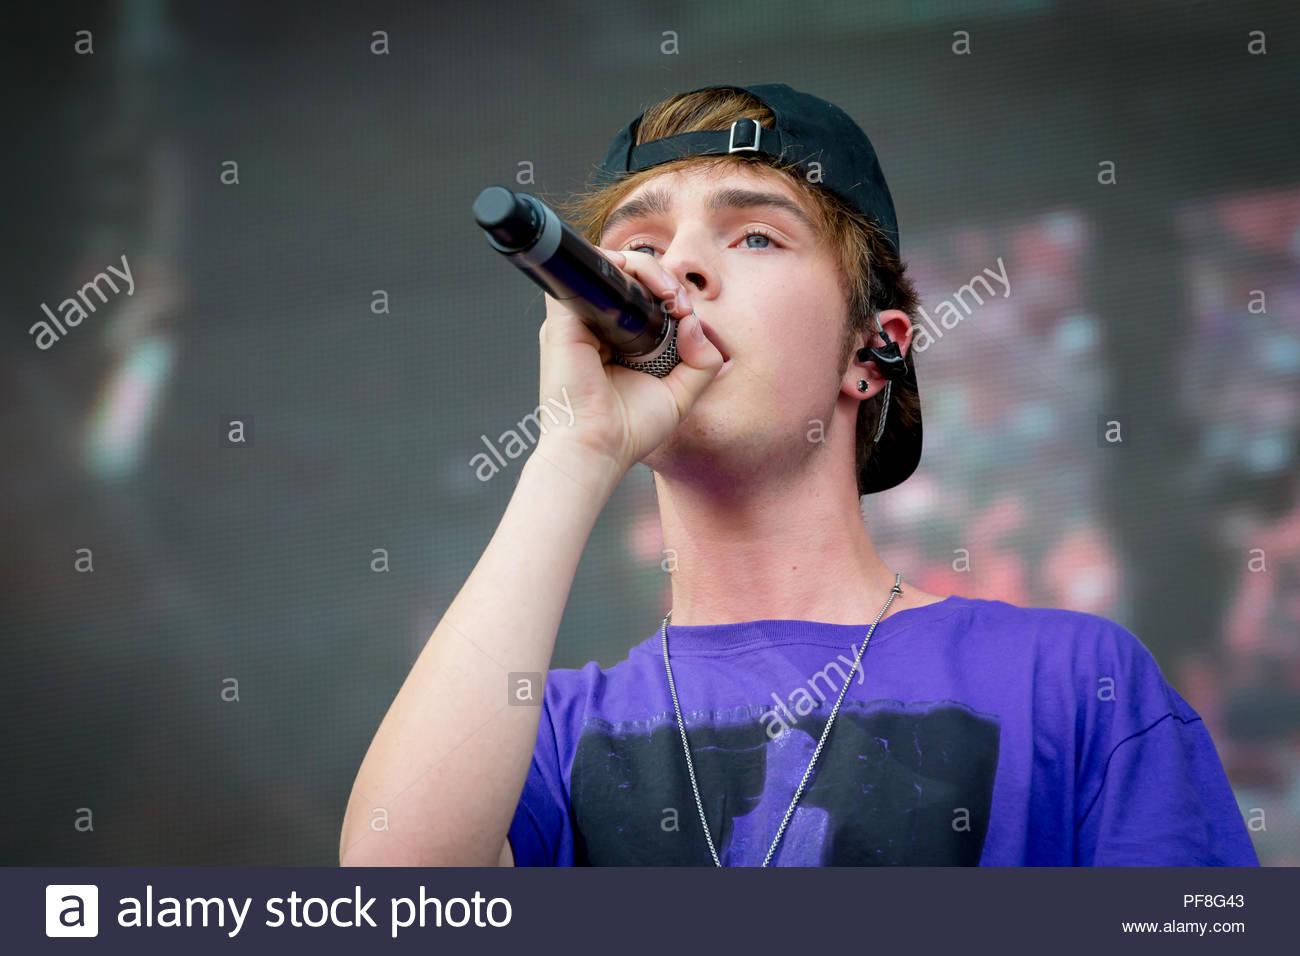 18.08.2018, Mike Sänger live beim Sterne für kostenlose Open Air 2018 von Berlins Hitradio 104.6 RTL in der Berliner Freilichtbühne Wuhlheide live auf der Bühne. Stockbild